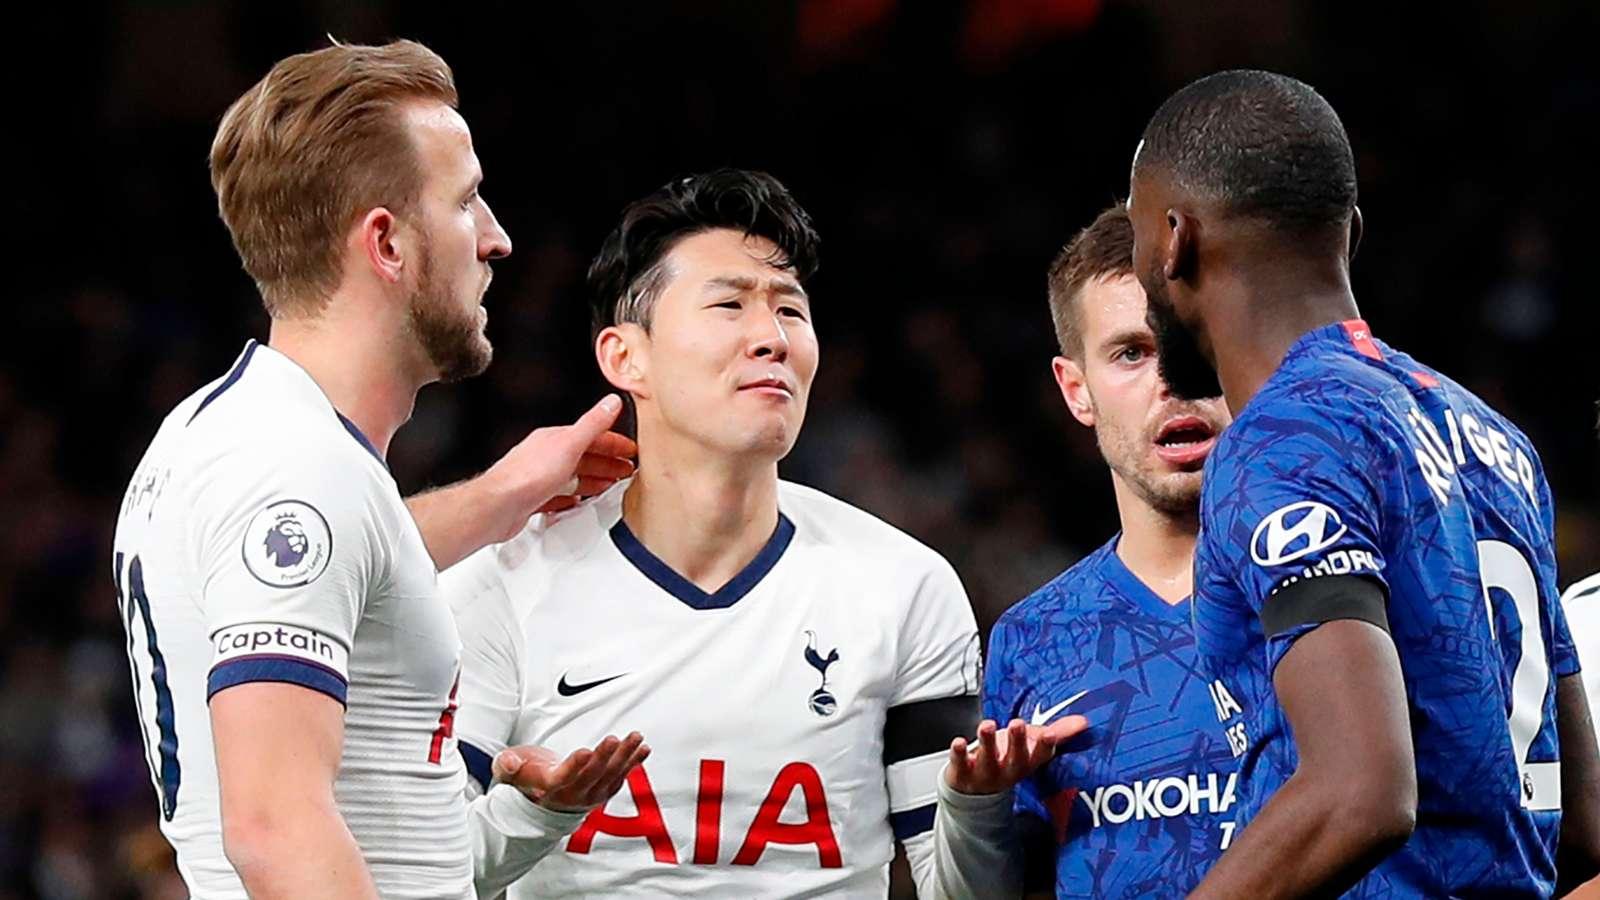 Tottenham bị 2 quyết định bất lợi bởi VAR chứ không phải trọng tài chính